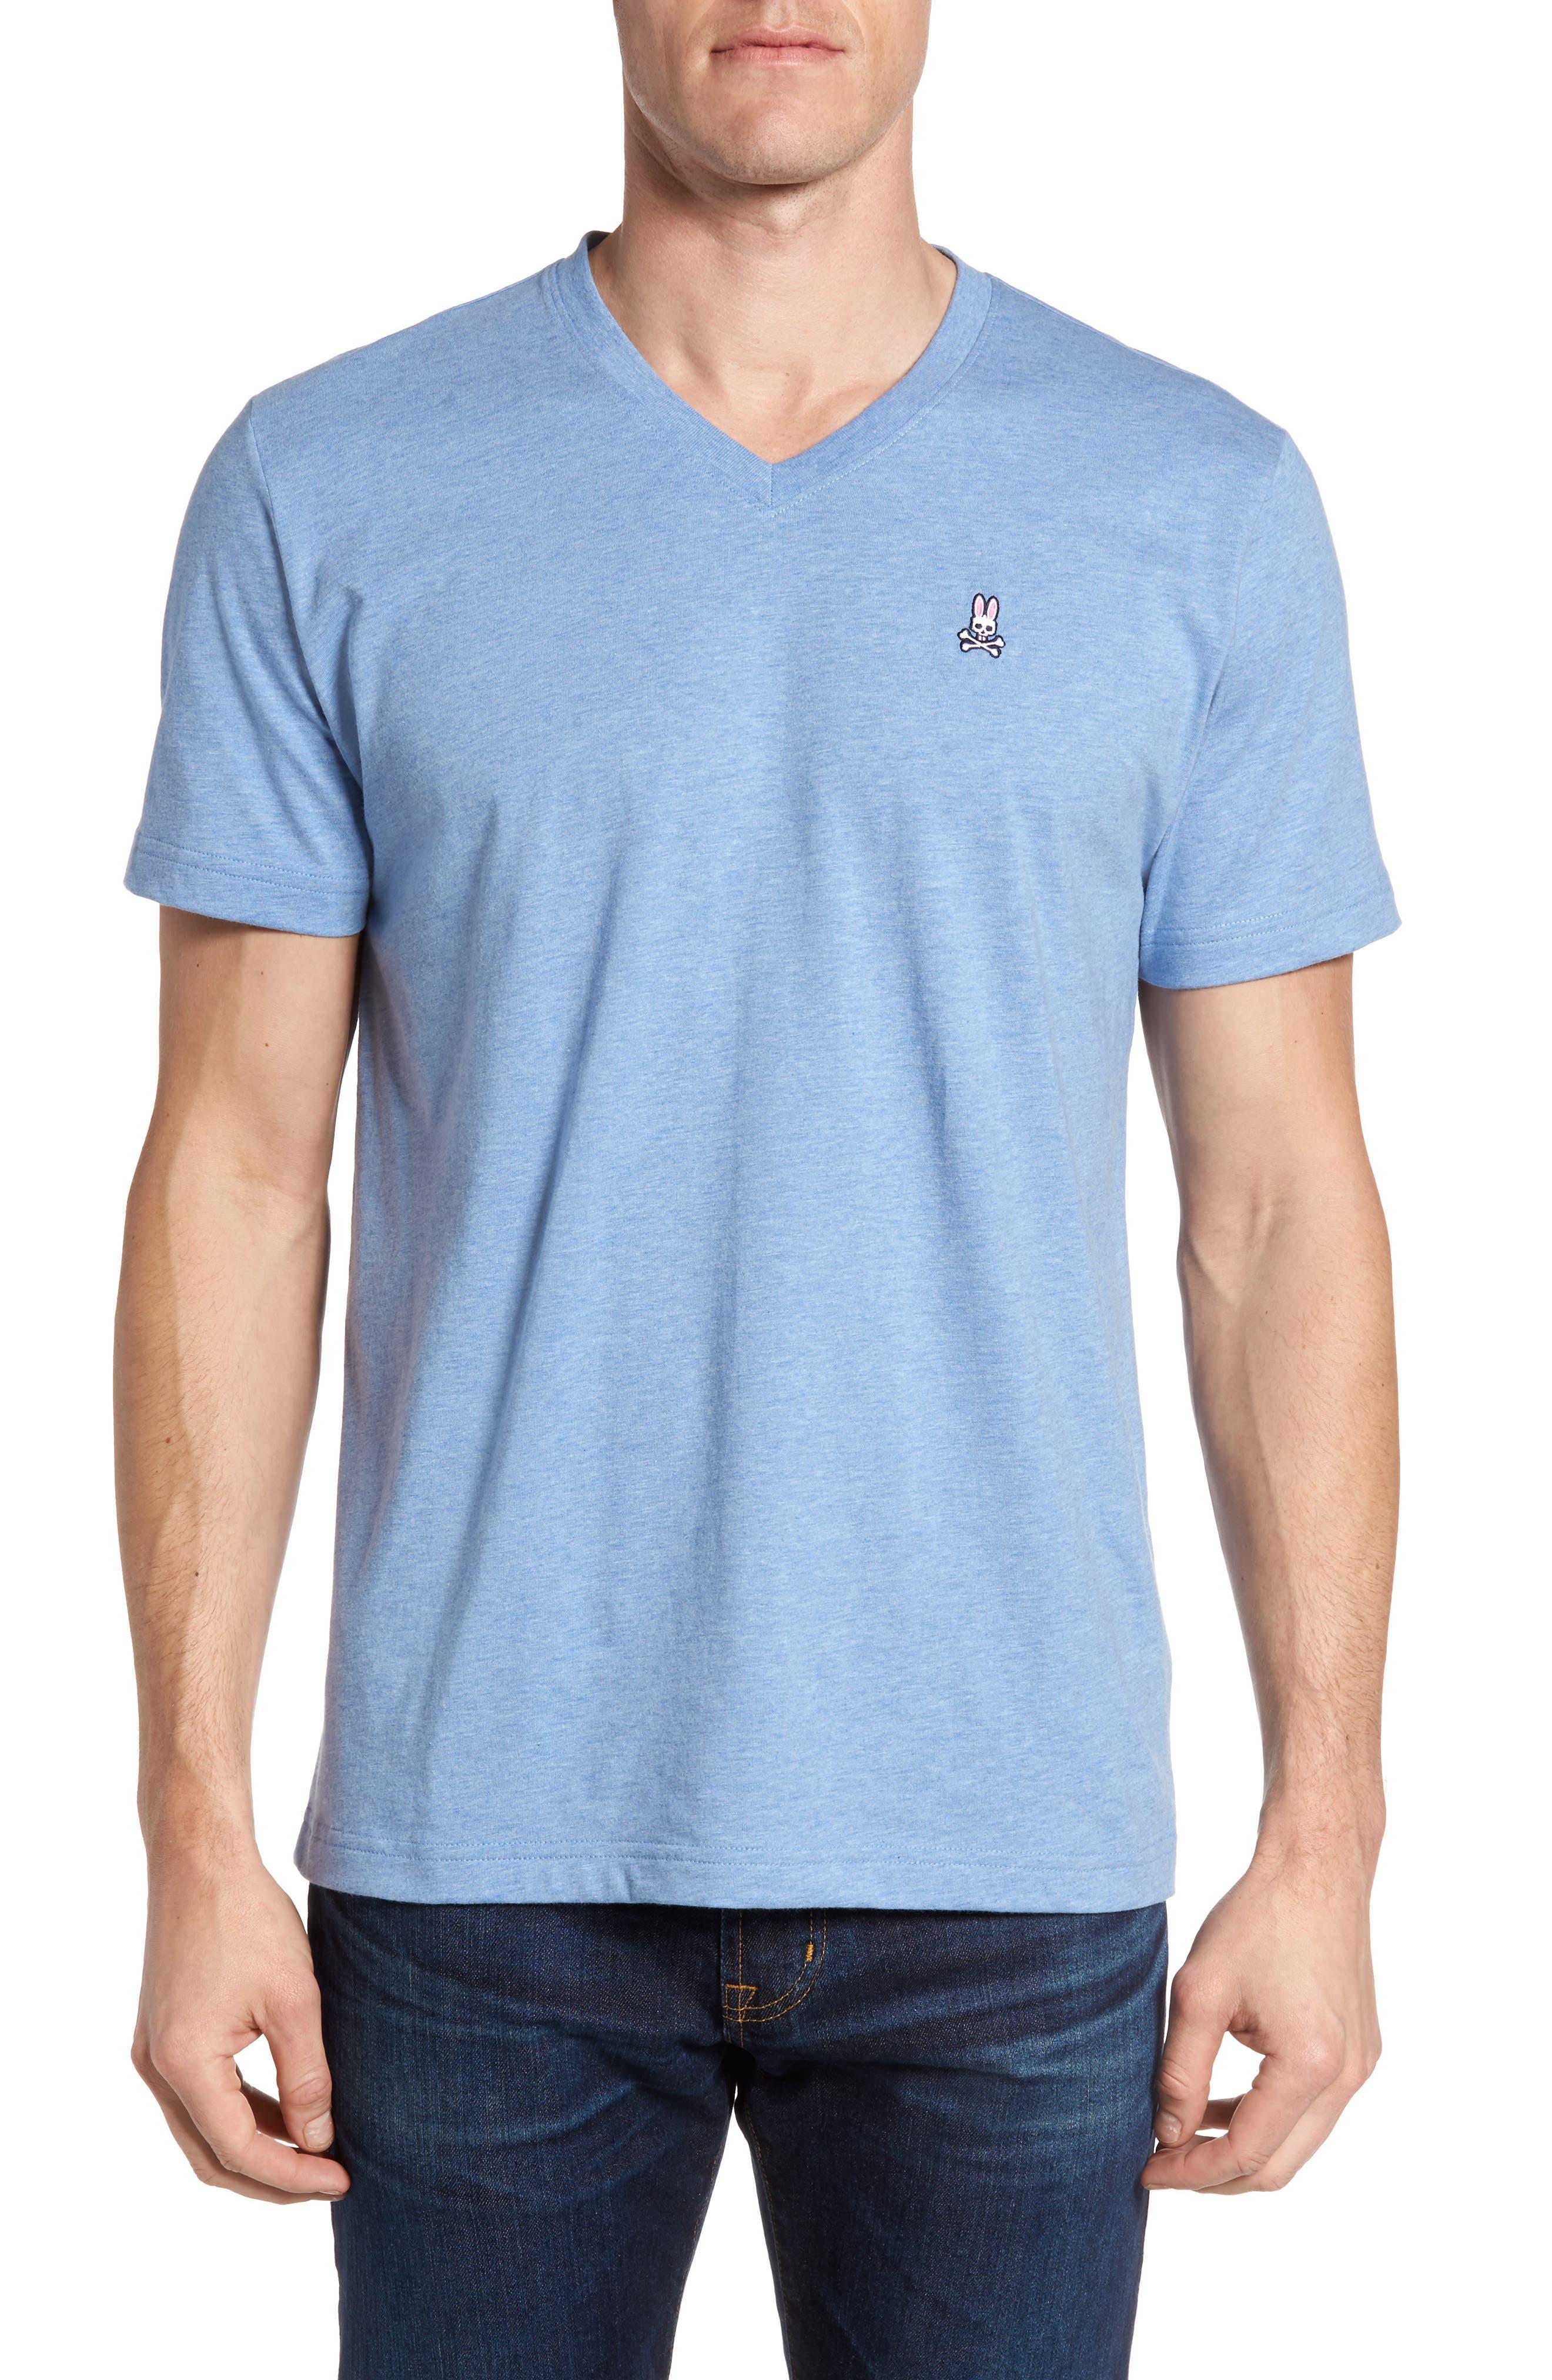 Main Image - Psycho Bunny Classic V-Neck T-Shirt